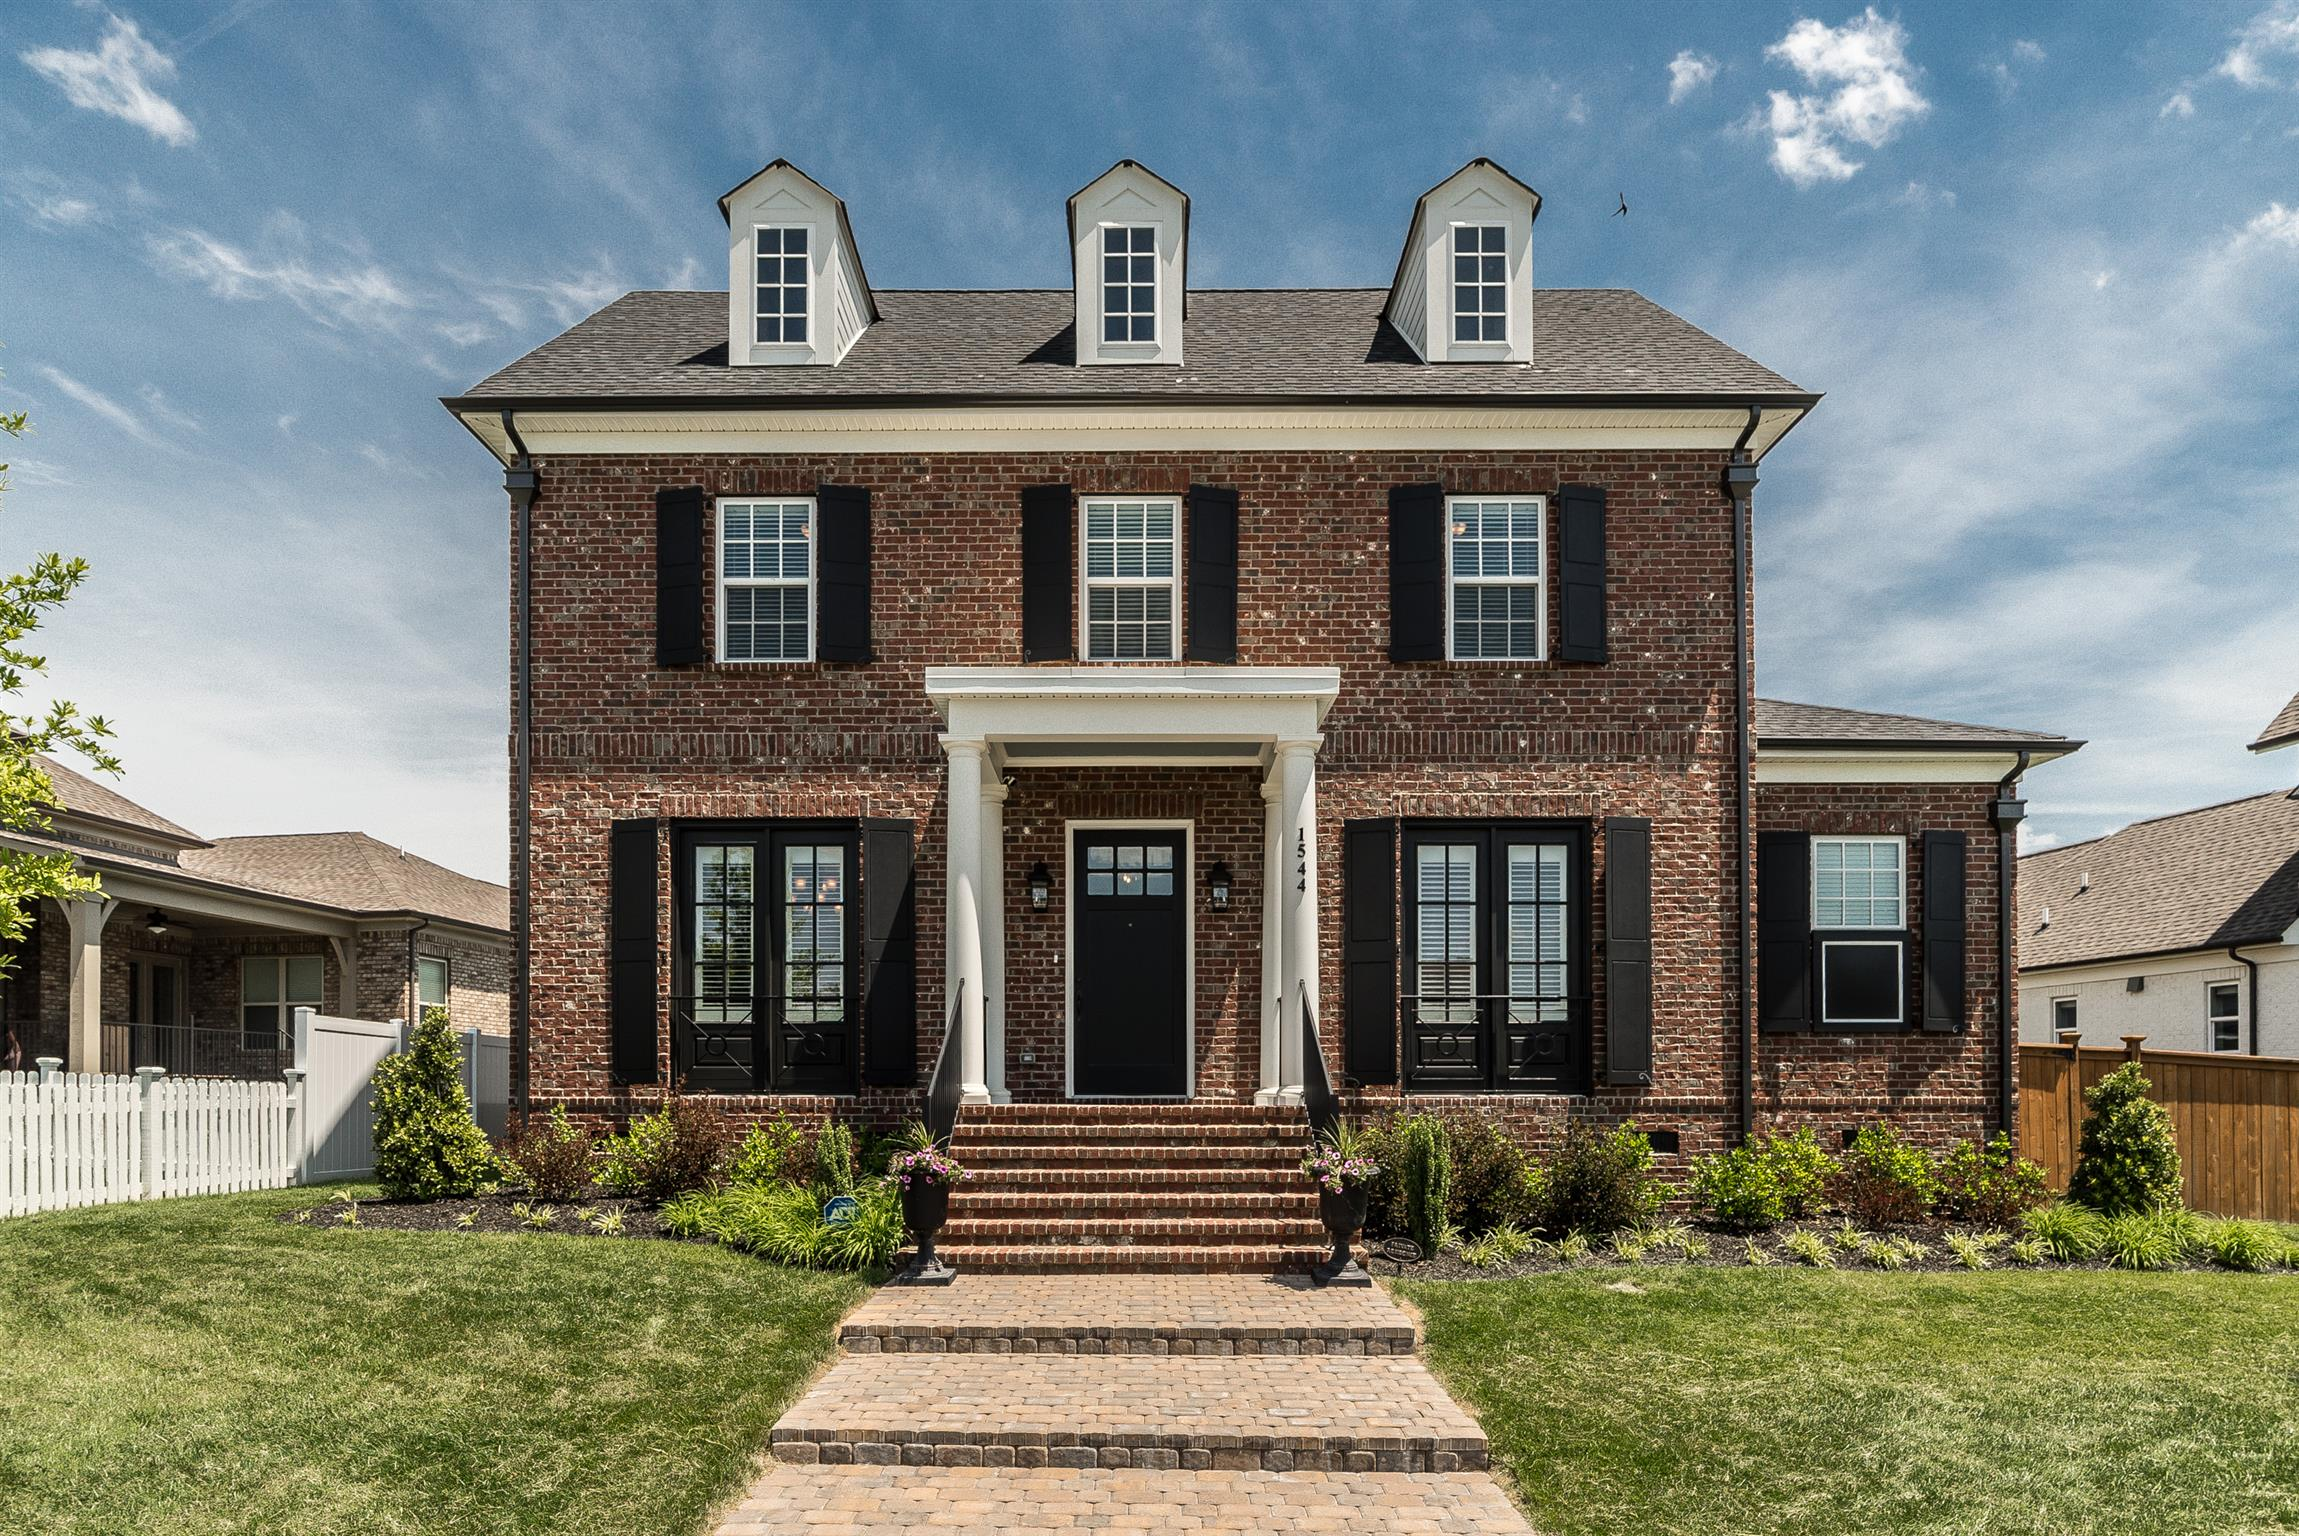 1544 Drakes Creek Rd, Hendersonville, TN 37075 - Hendersonville, TN real estate listing